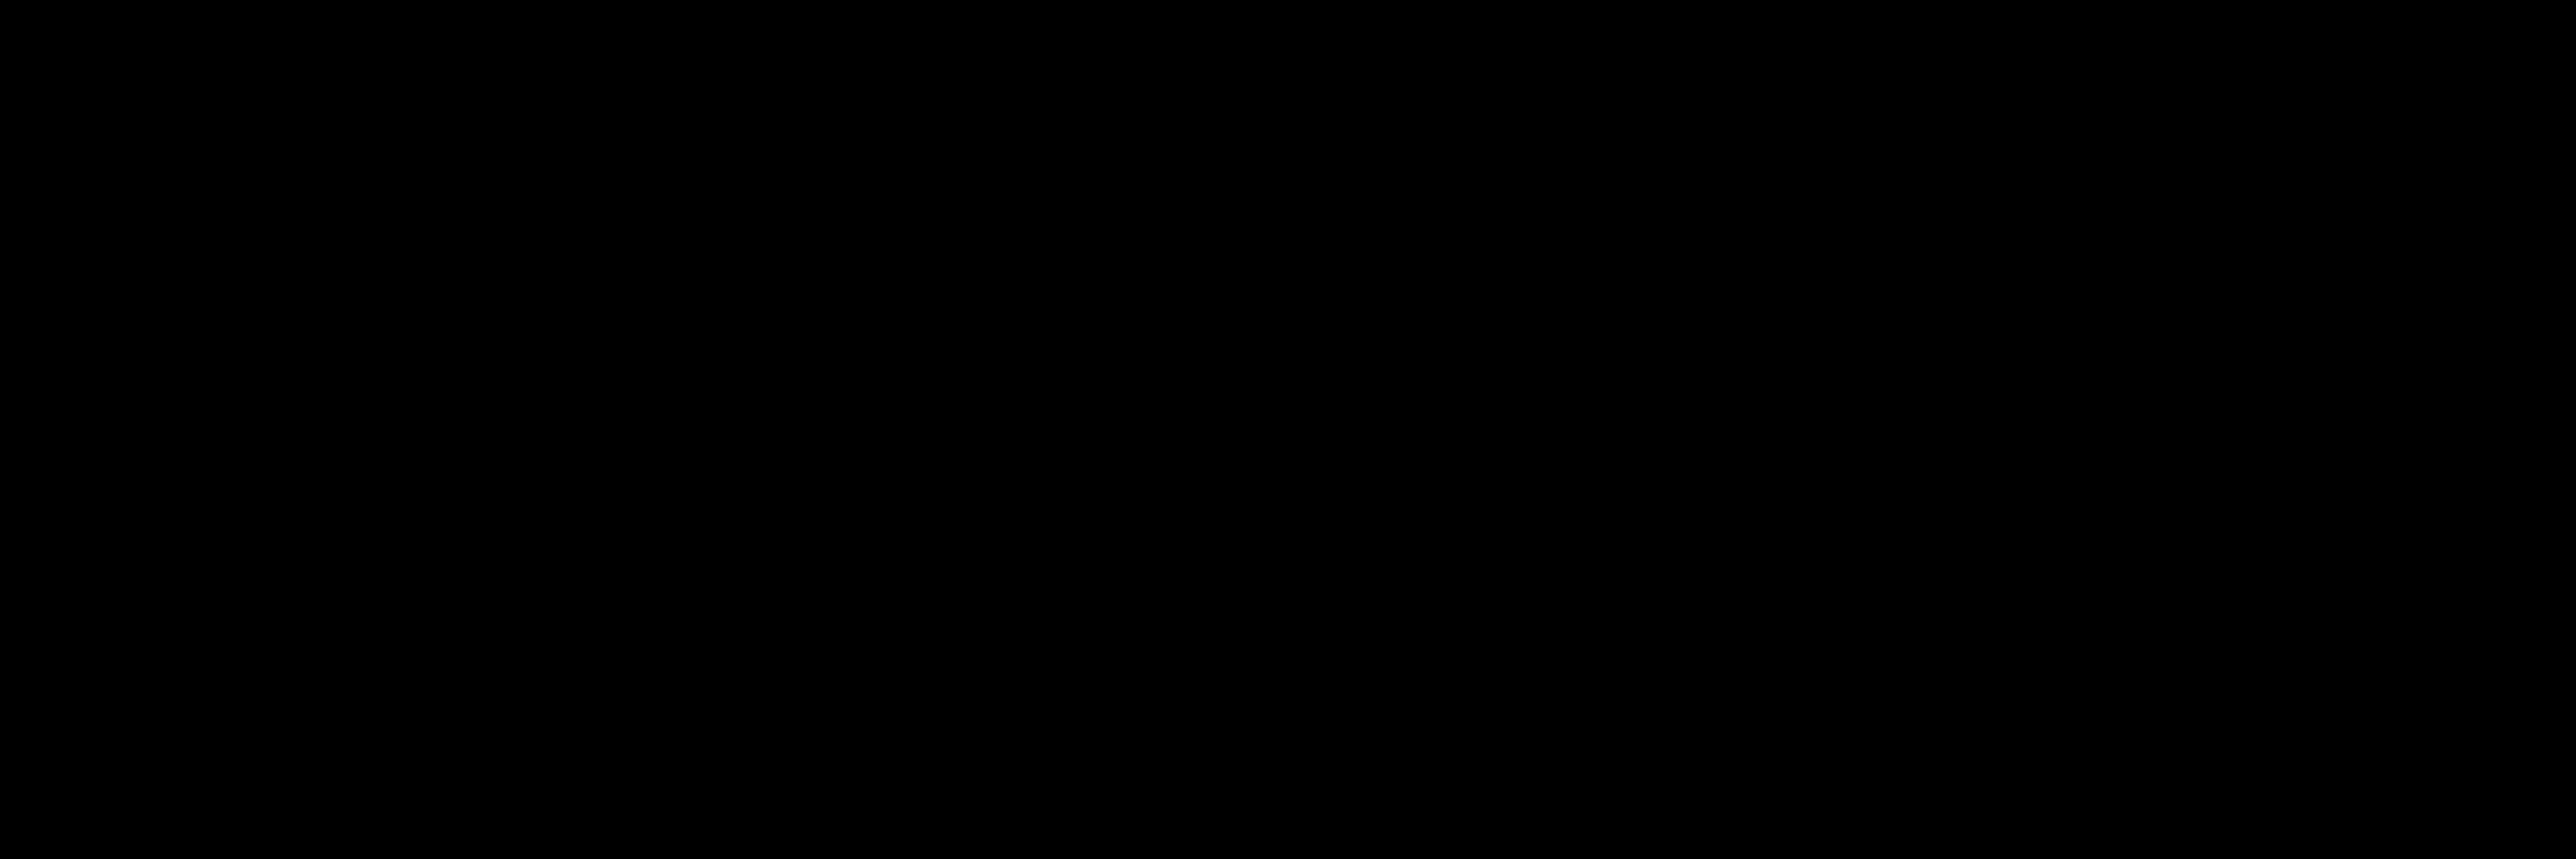 ICAMP - ציוד קמפינג